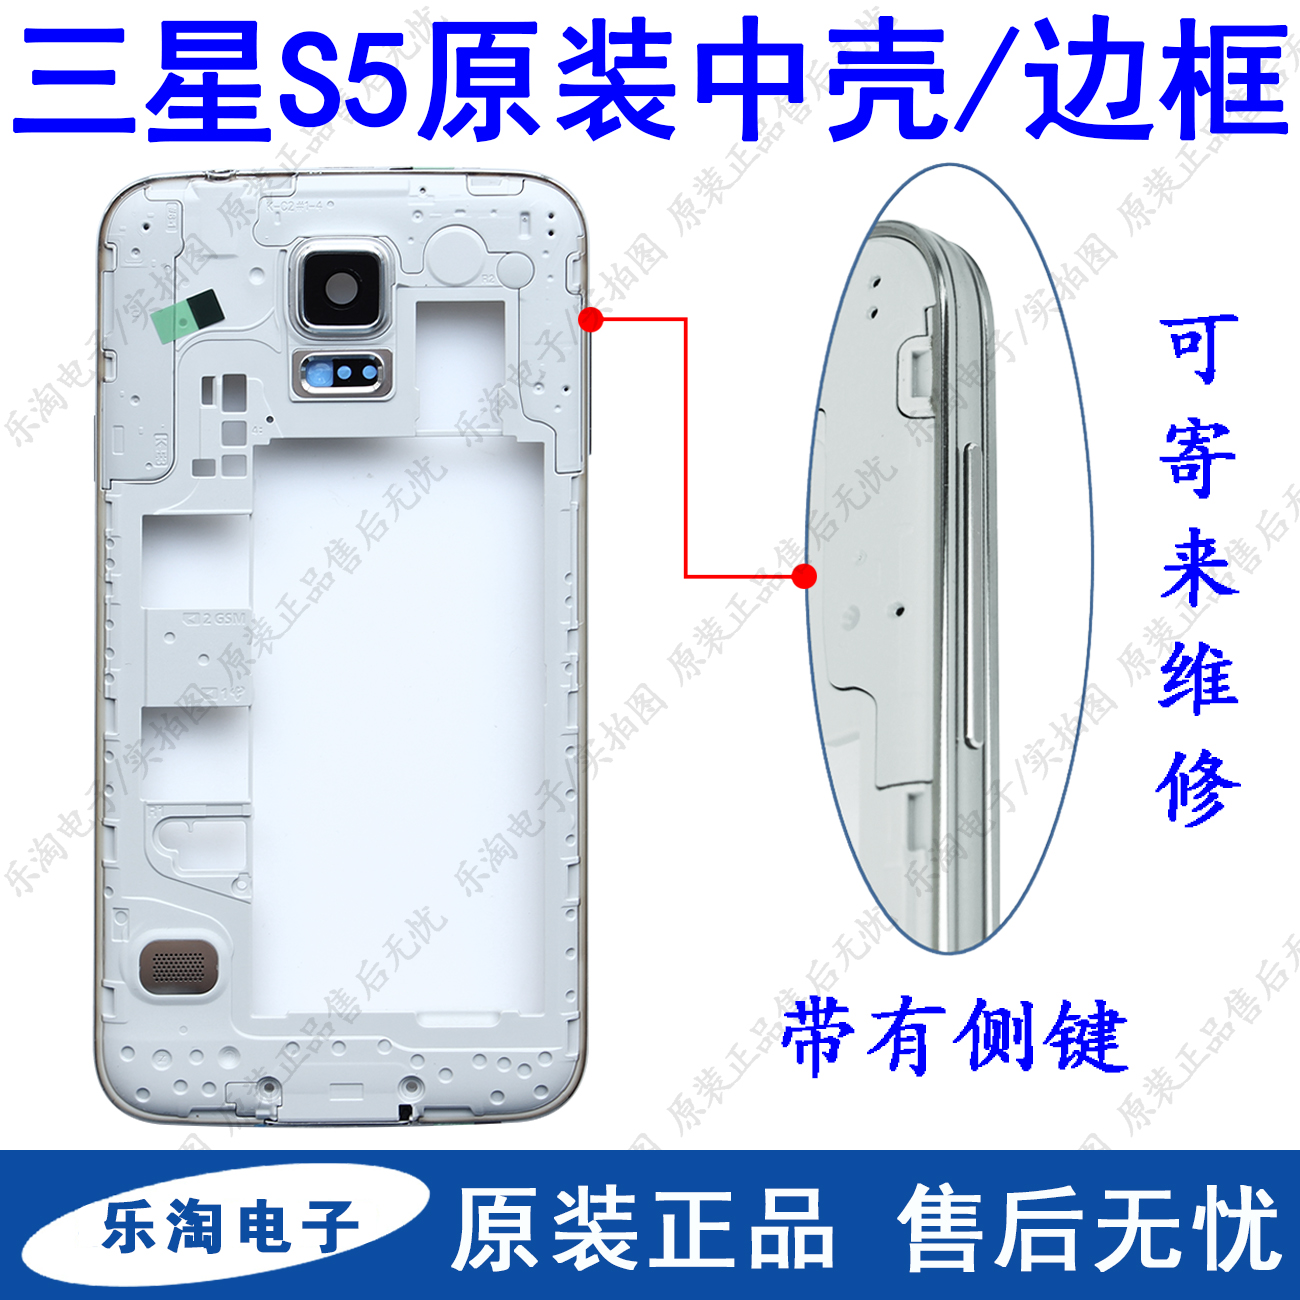 三星sedge中壳_H后盖G9009W手机中框三星S5中壳G9006V原